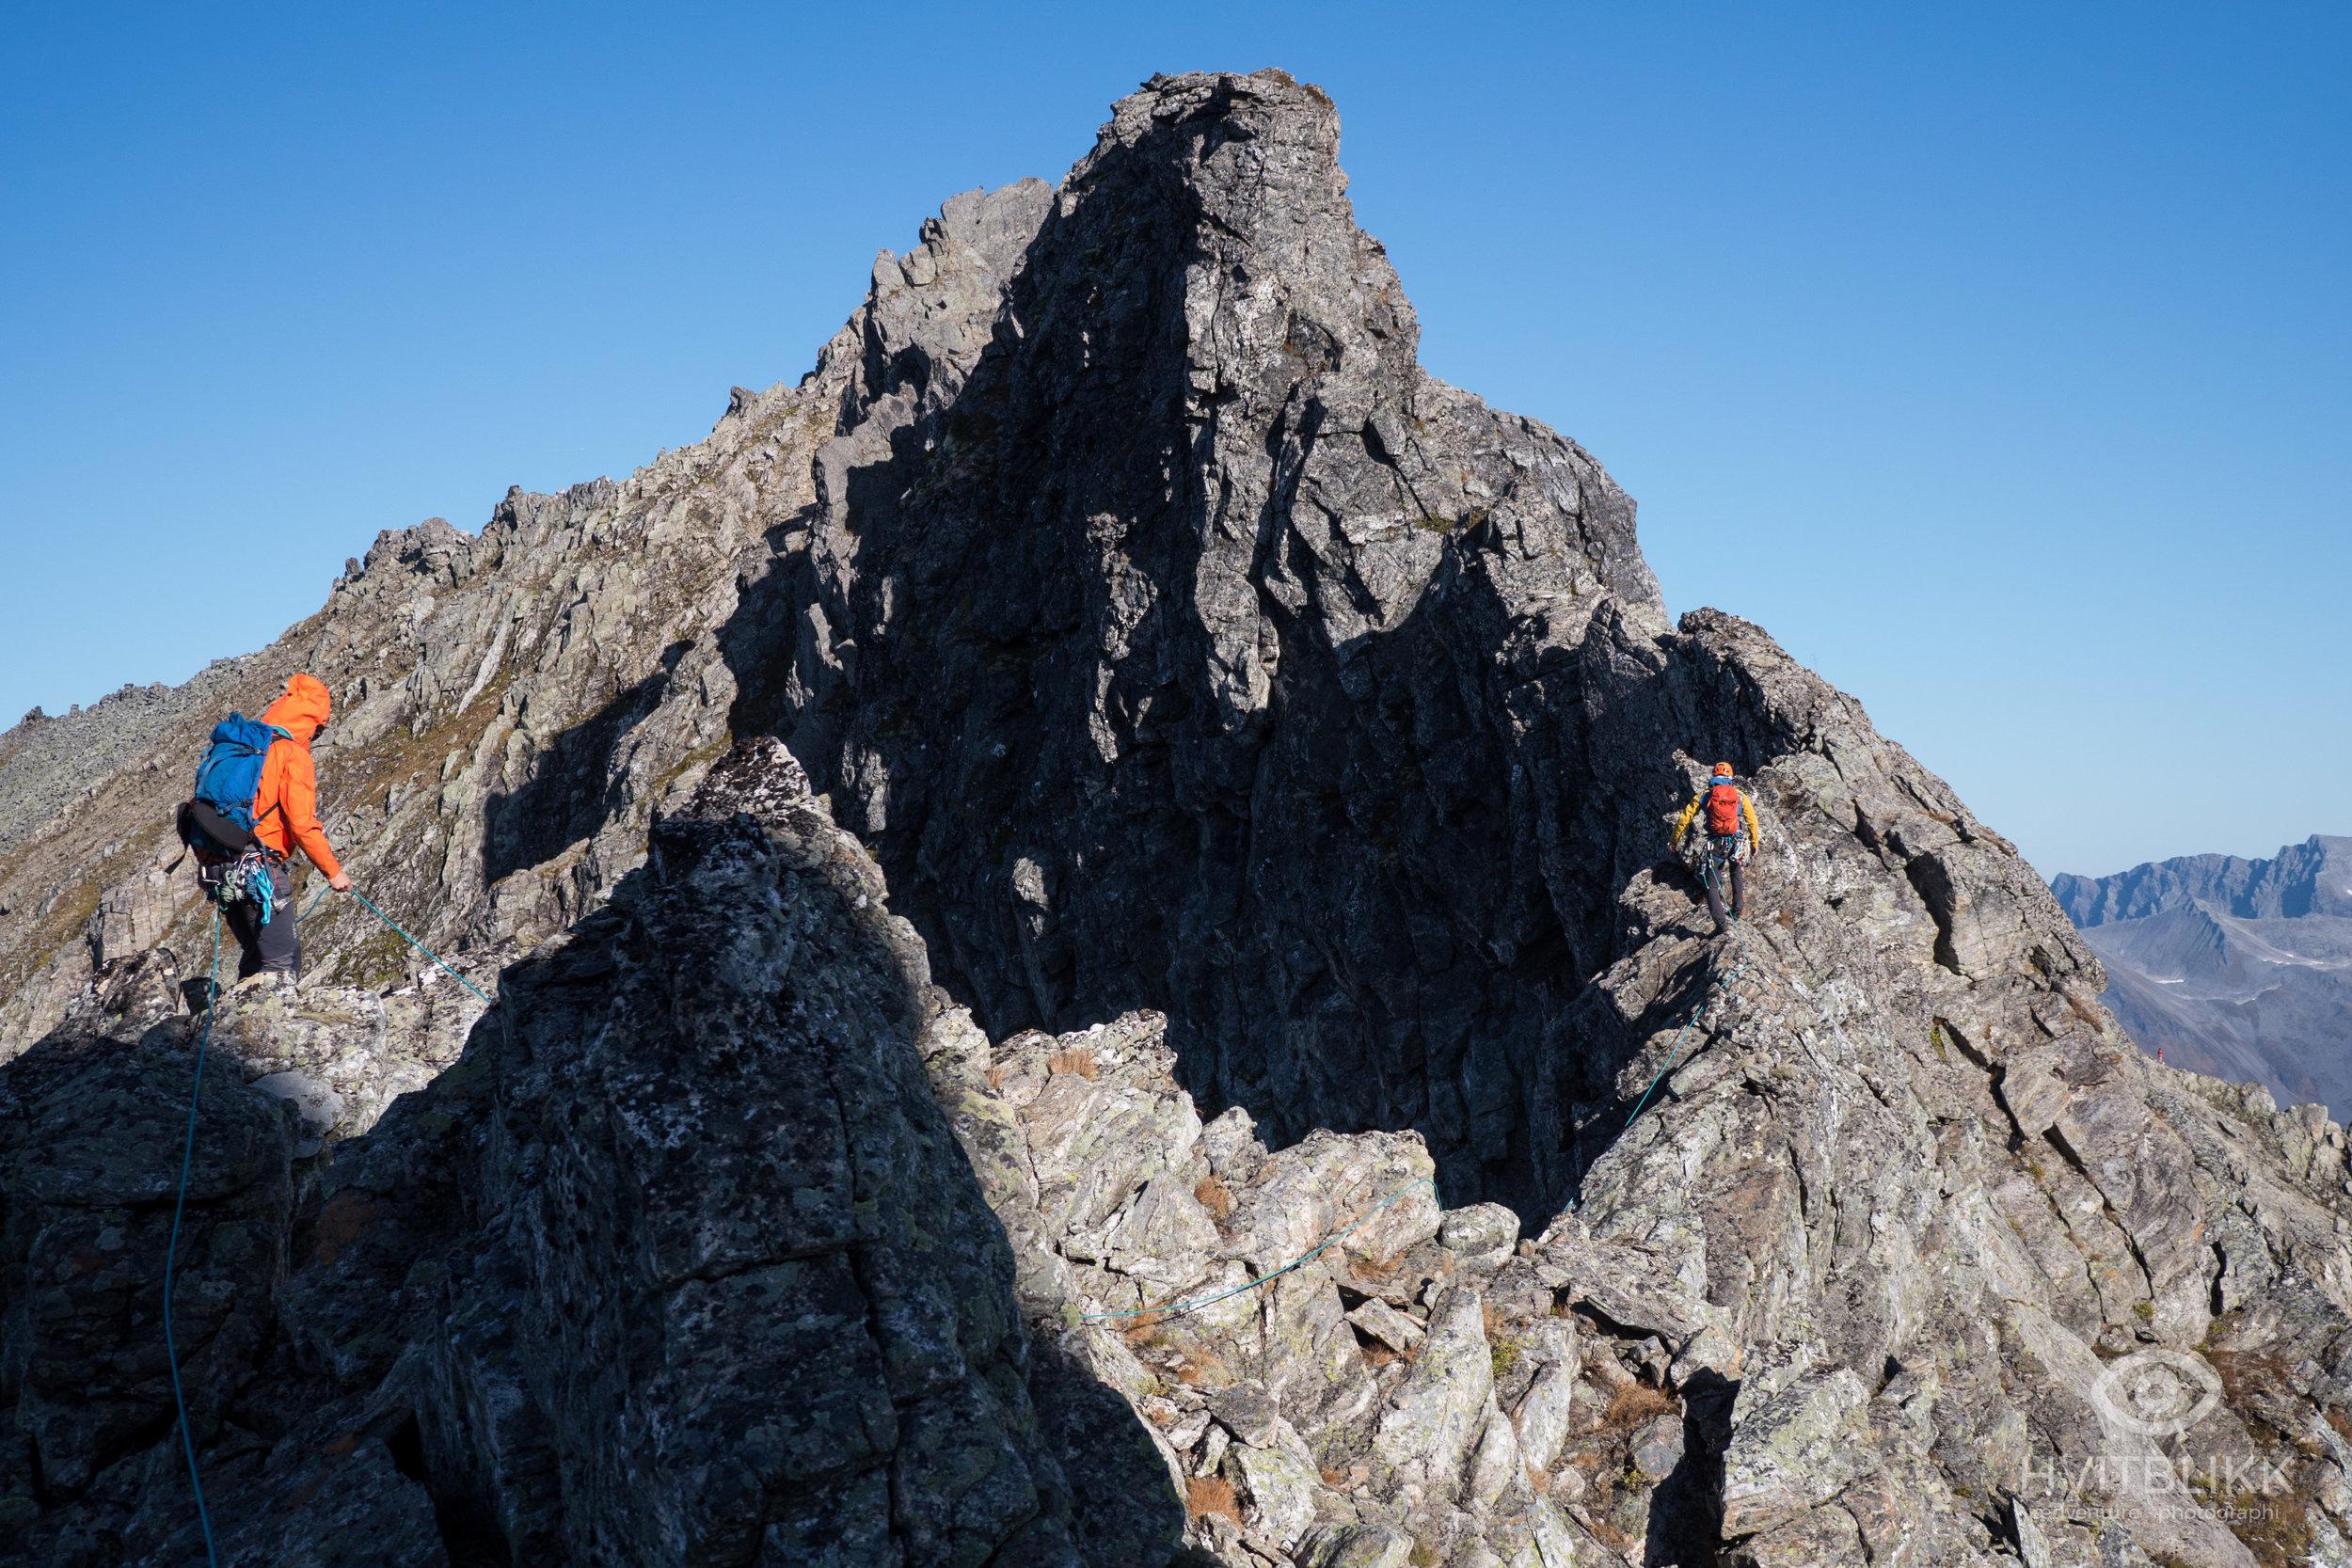 Petter og Stig, snart halvveis på traversen, med Dalegubben ruvende i bakgrunn.